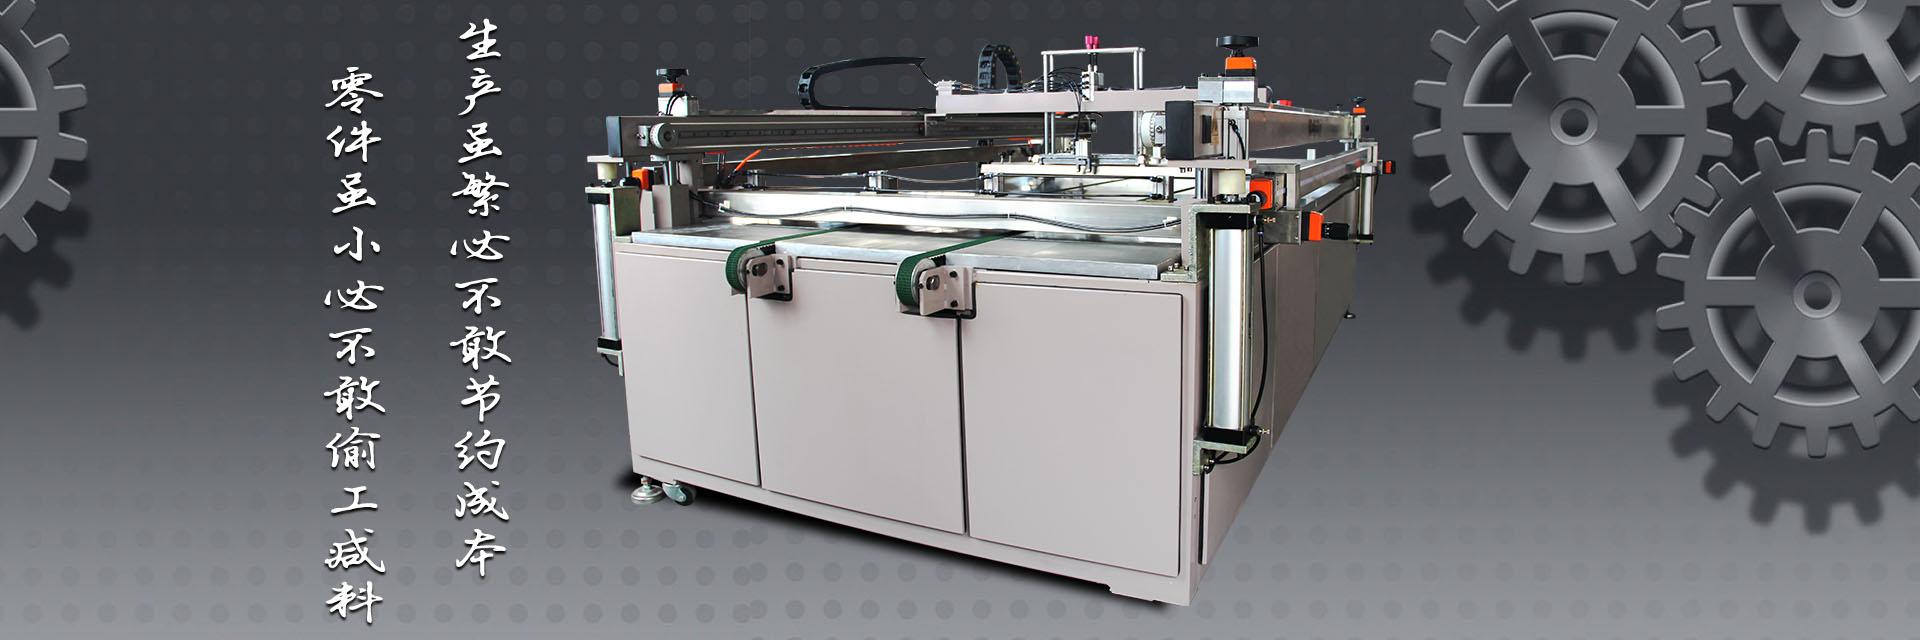 垂直升降丝印机,曲面丝印机,平面丝印机